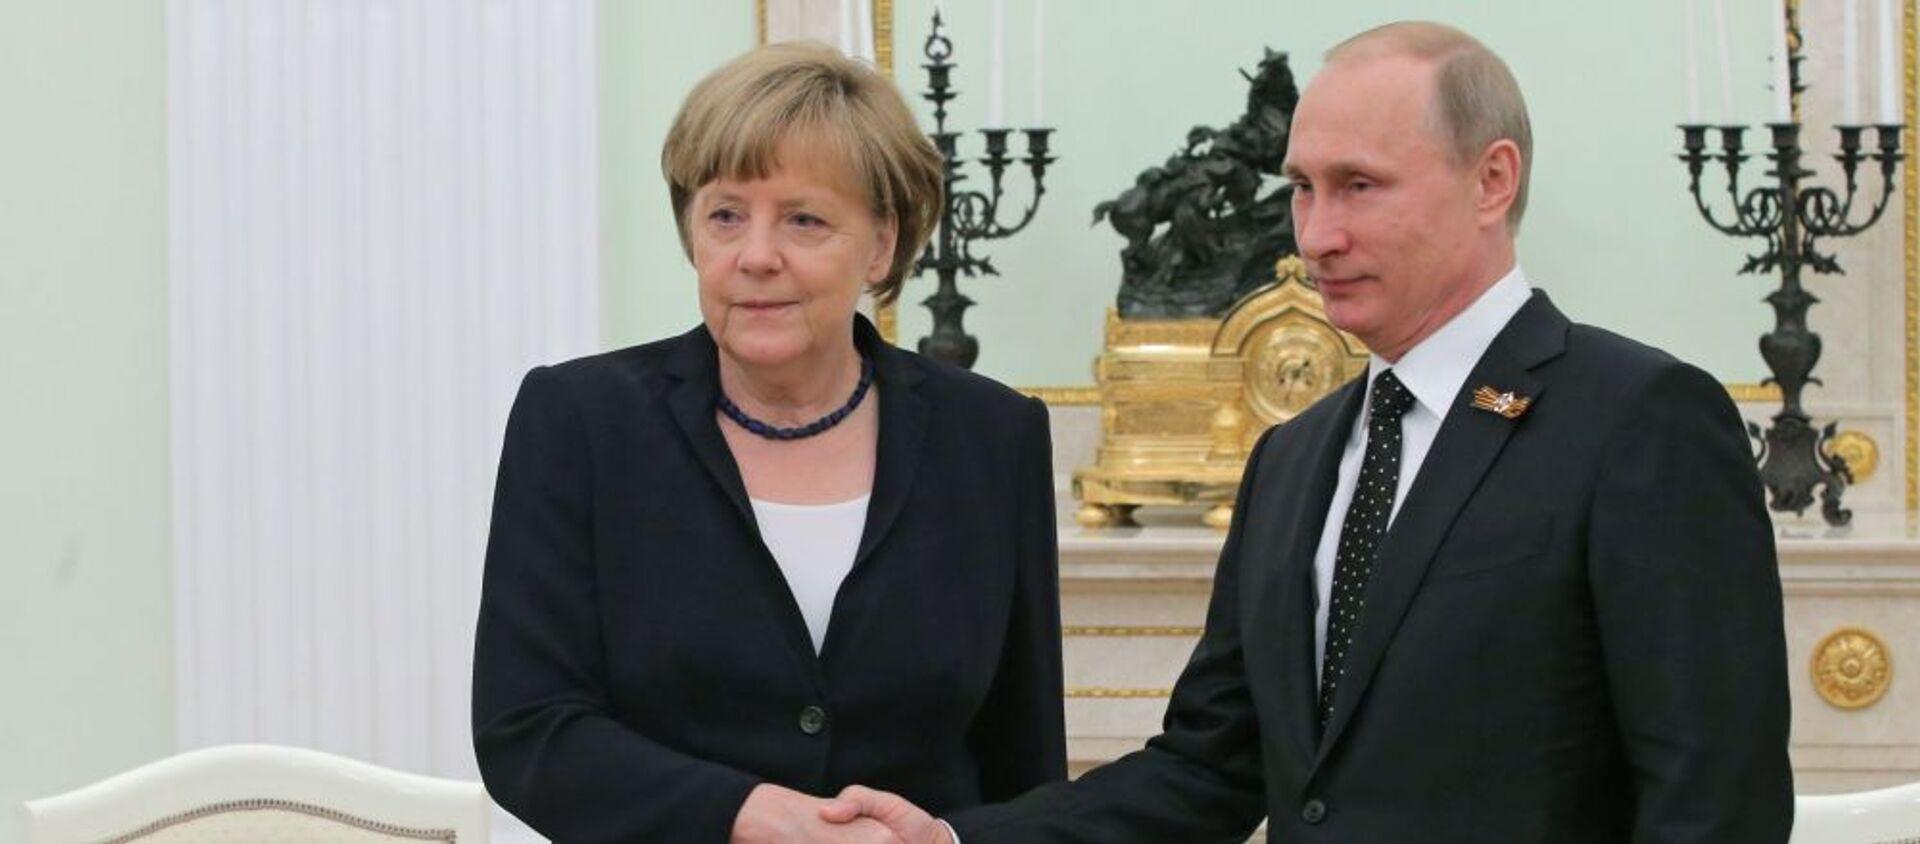 Tổng thống Nga Vladimir Putin và Thủ tướng Đức Angela Merkel - Sputnik Việt Nam, 1920, 15.07.2020